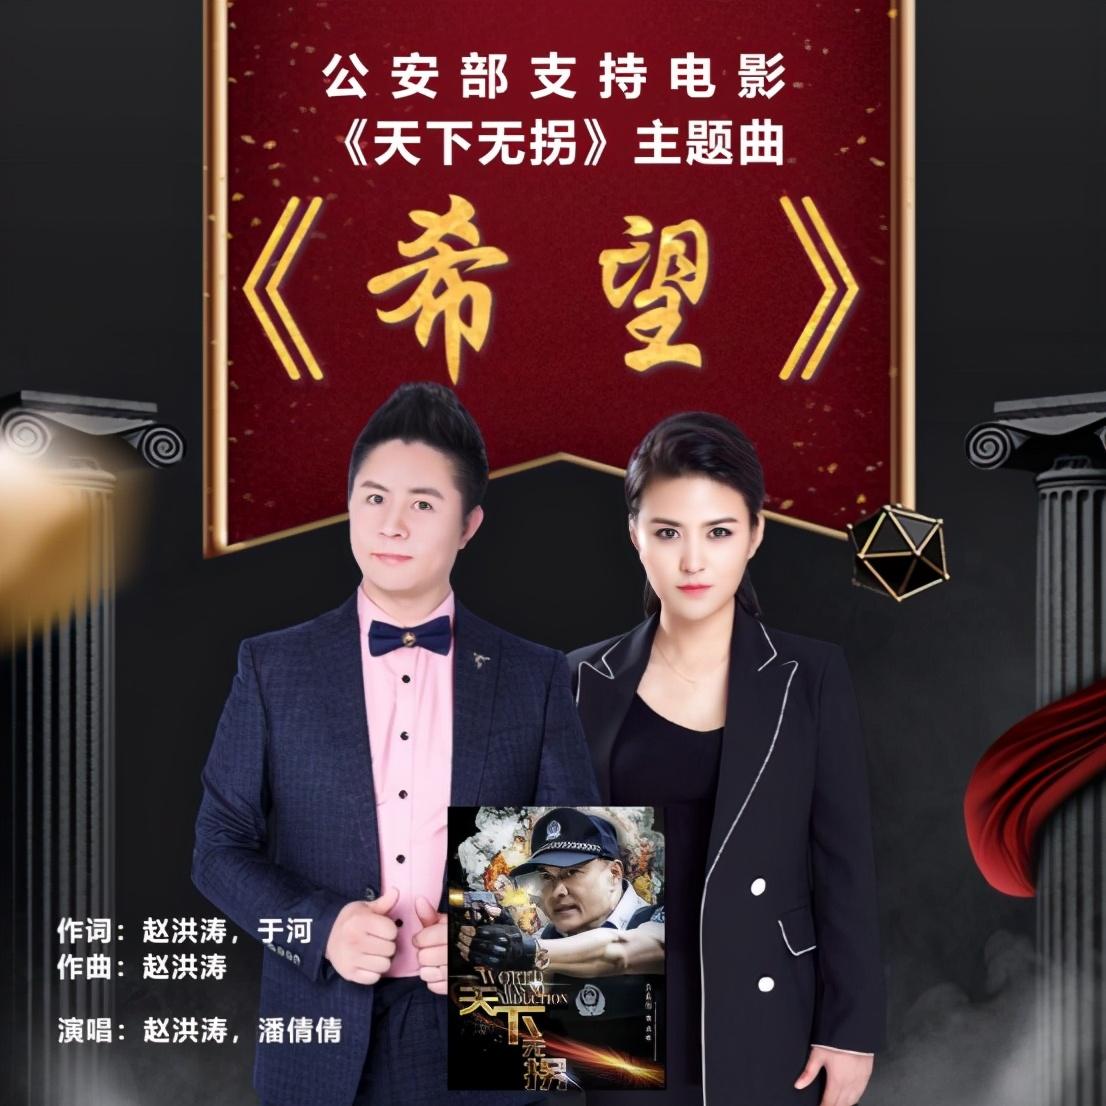 吕良伟电影(天下无拐)赵洪涛主唱(希望)11月20上映全国